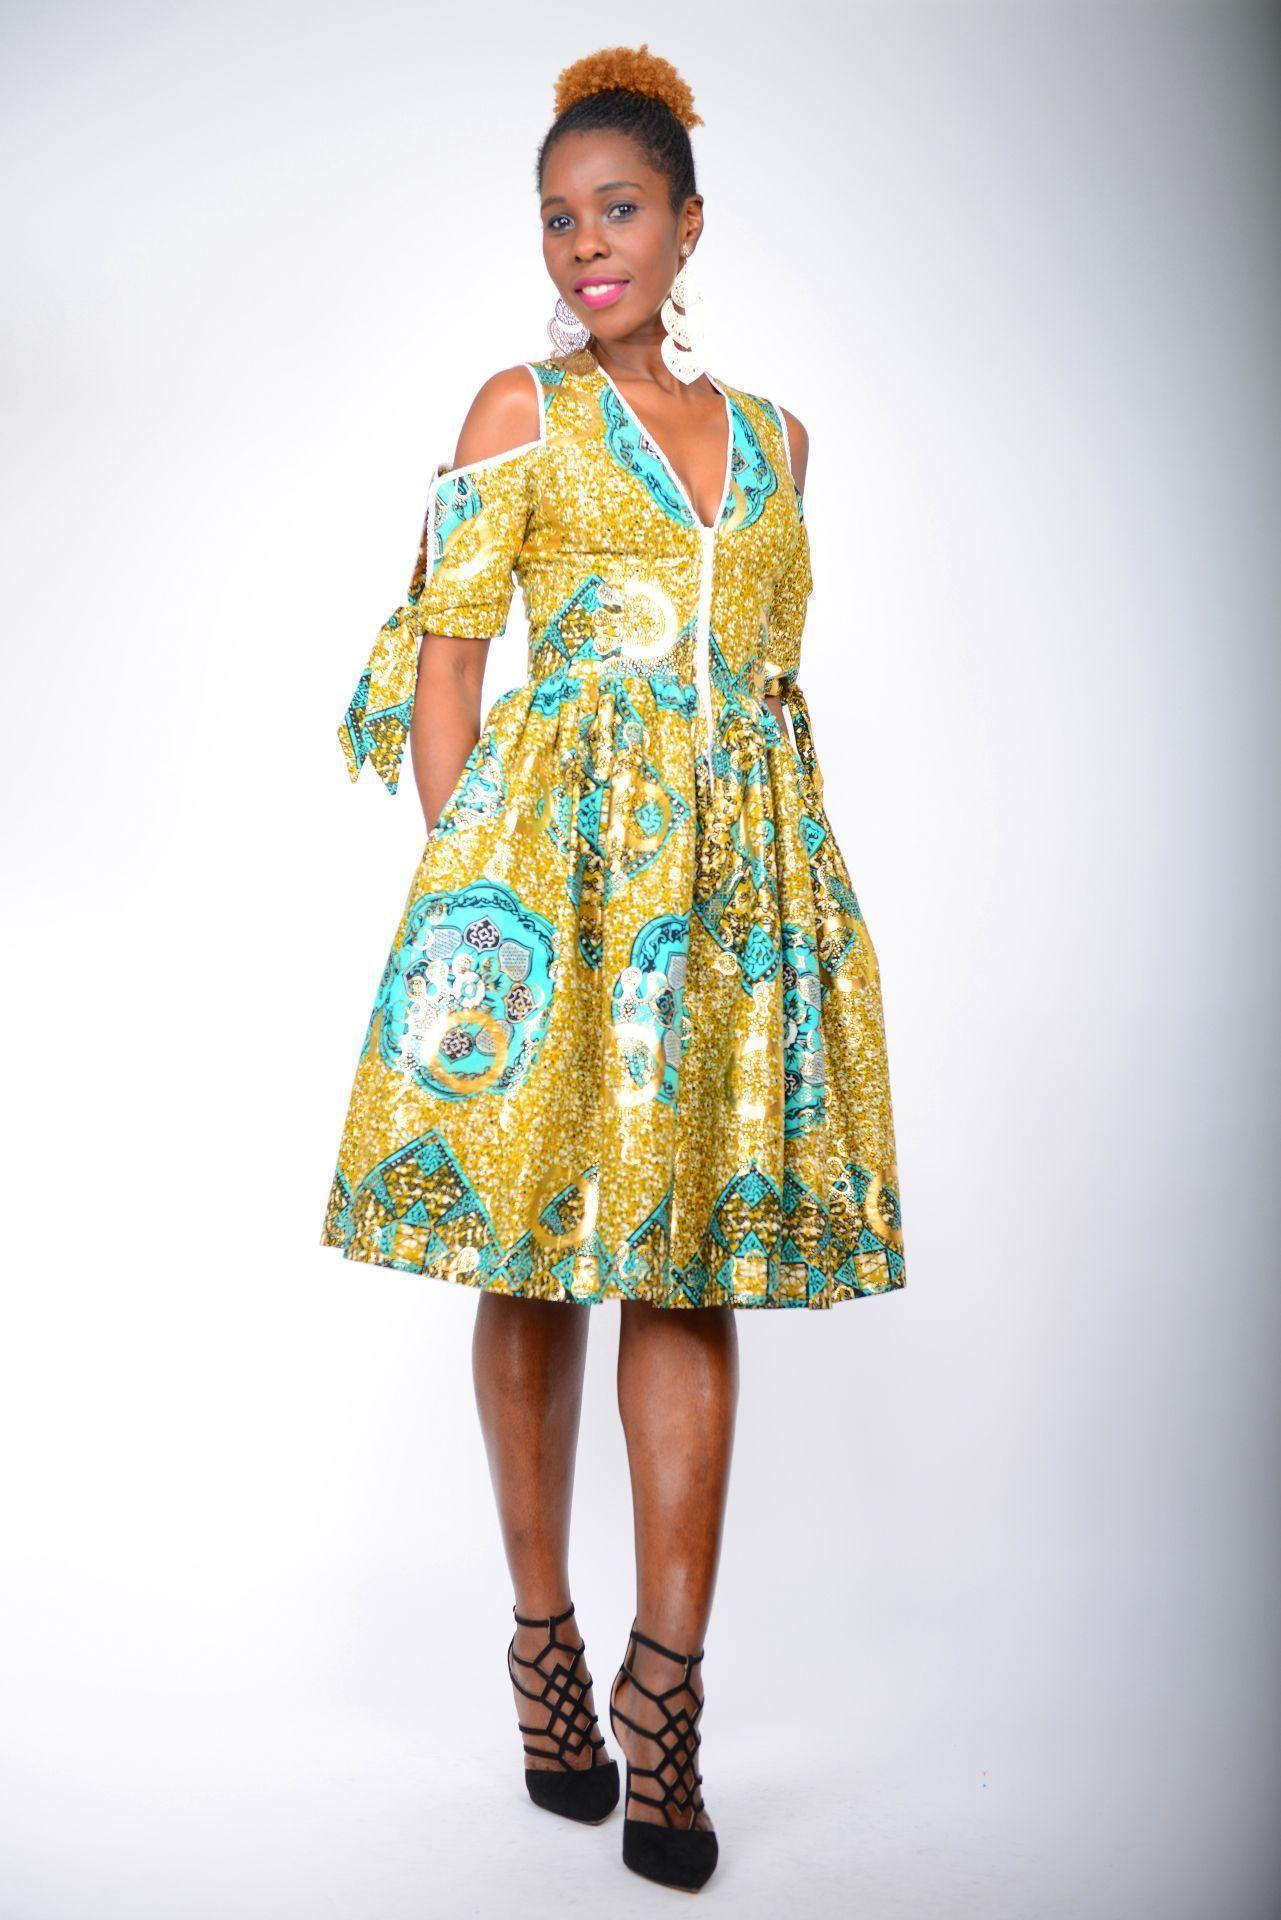 Afrikanisches Kleid Lucinda #afrikanischeskleid Afrikanisches Kleid Lucinda #afrikanischeskleid Afrikanisches Kleid Lucinda #afrikanischeskleid Afrikanisches Kleid Lucinda #afrikanischeskleid Afrikanisches Kleid Lucinda #afrikanischeskleid Afrikanisches Kleid Lucinda #afrikanischeskleid Afrikanisches Kleid Lucinda #afrikanischeskleid Afrikanisches Kleid Lucinda #afrikanischeskleid